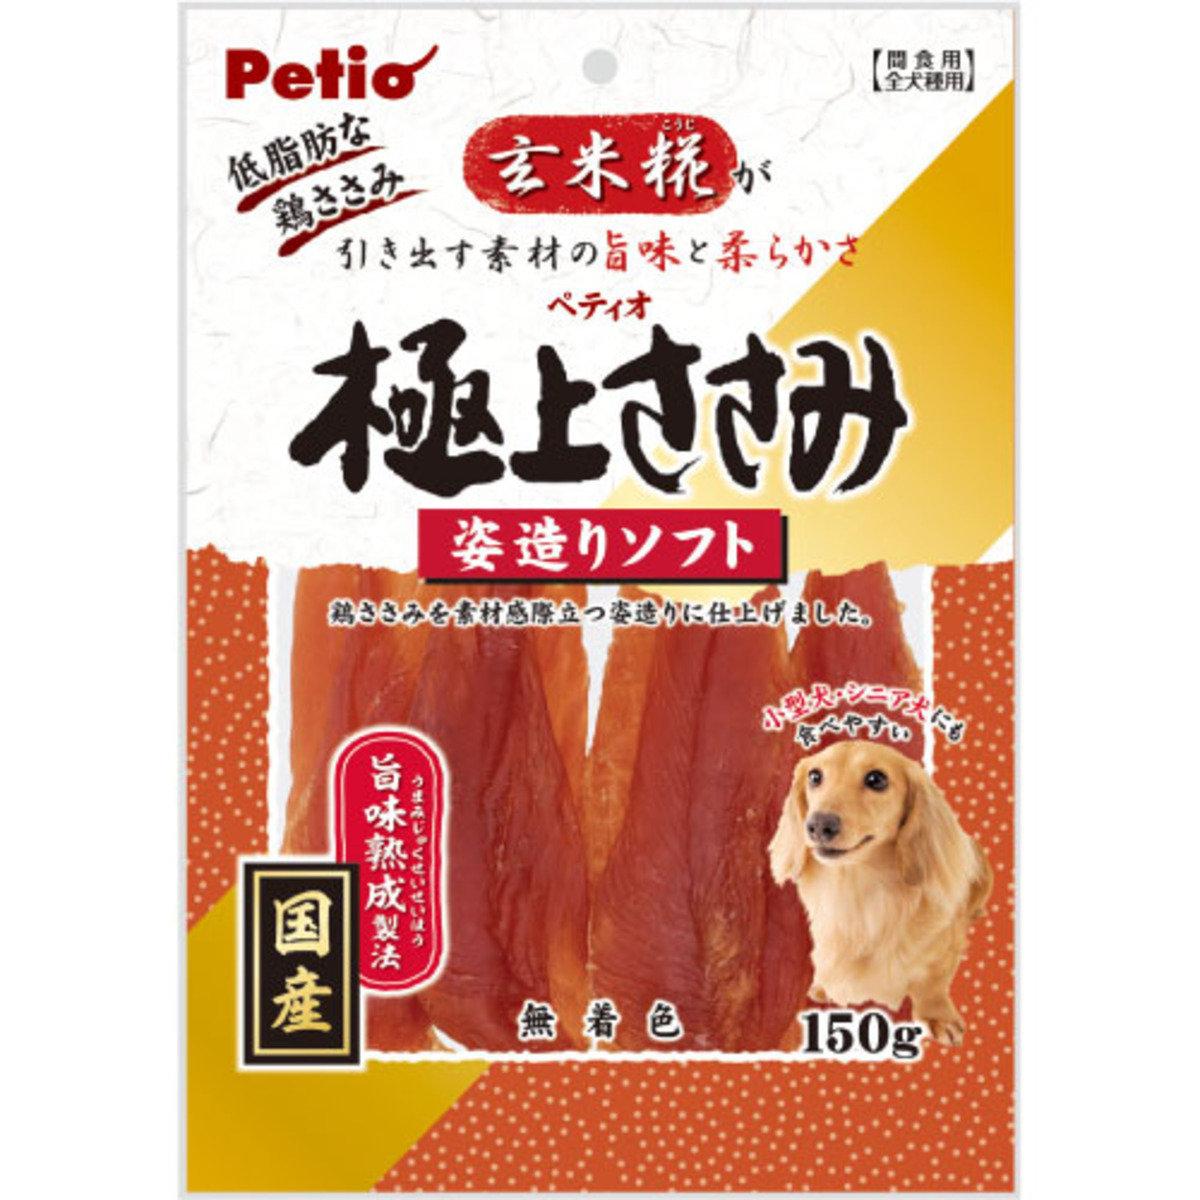 狗小食雞胸肉脯(W12338)